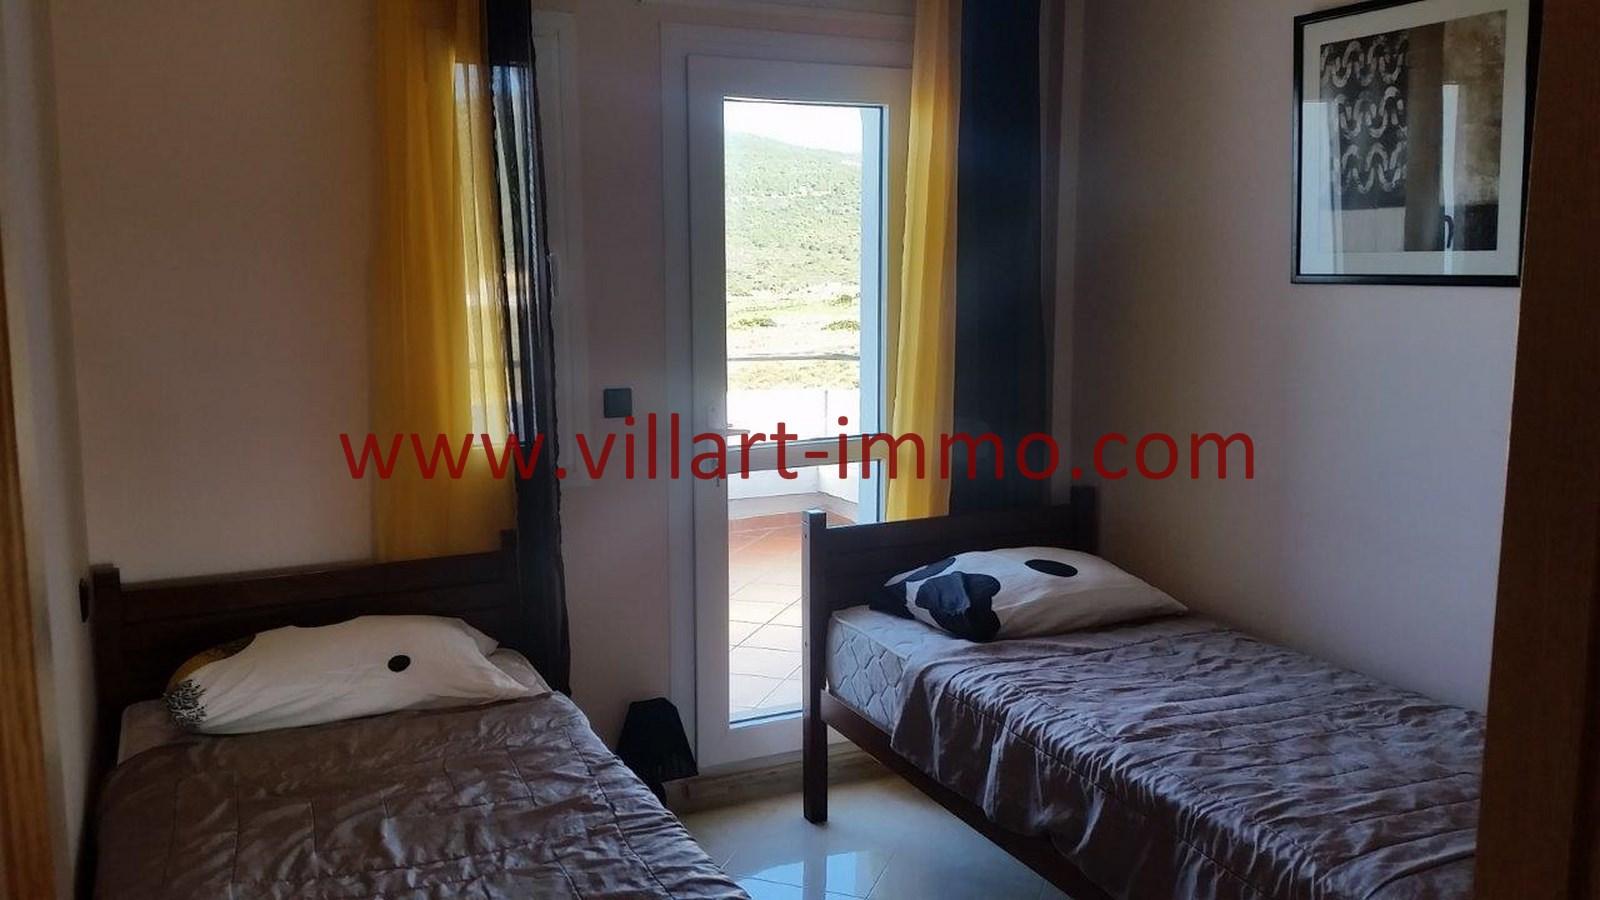 7-Location-Appartement-Meublé-Achakar-Tanger-Chambre 2-L831-Villart immo